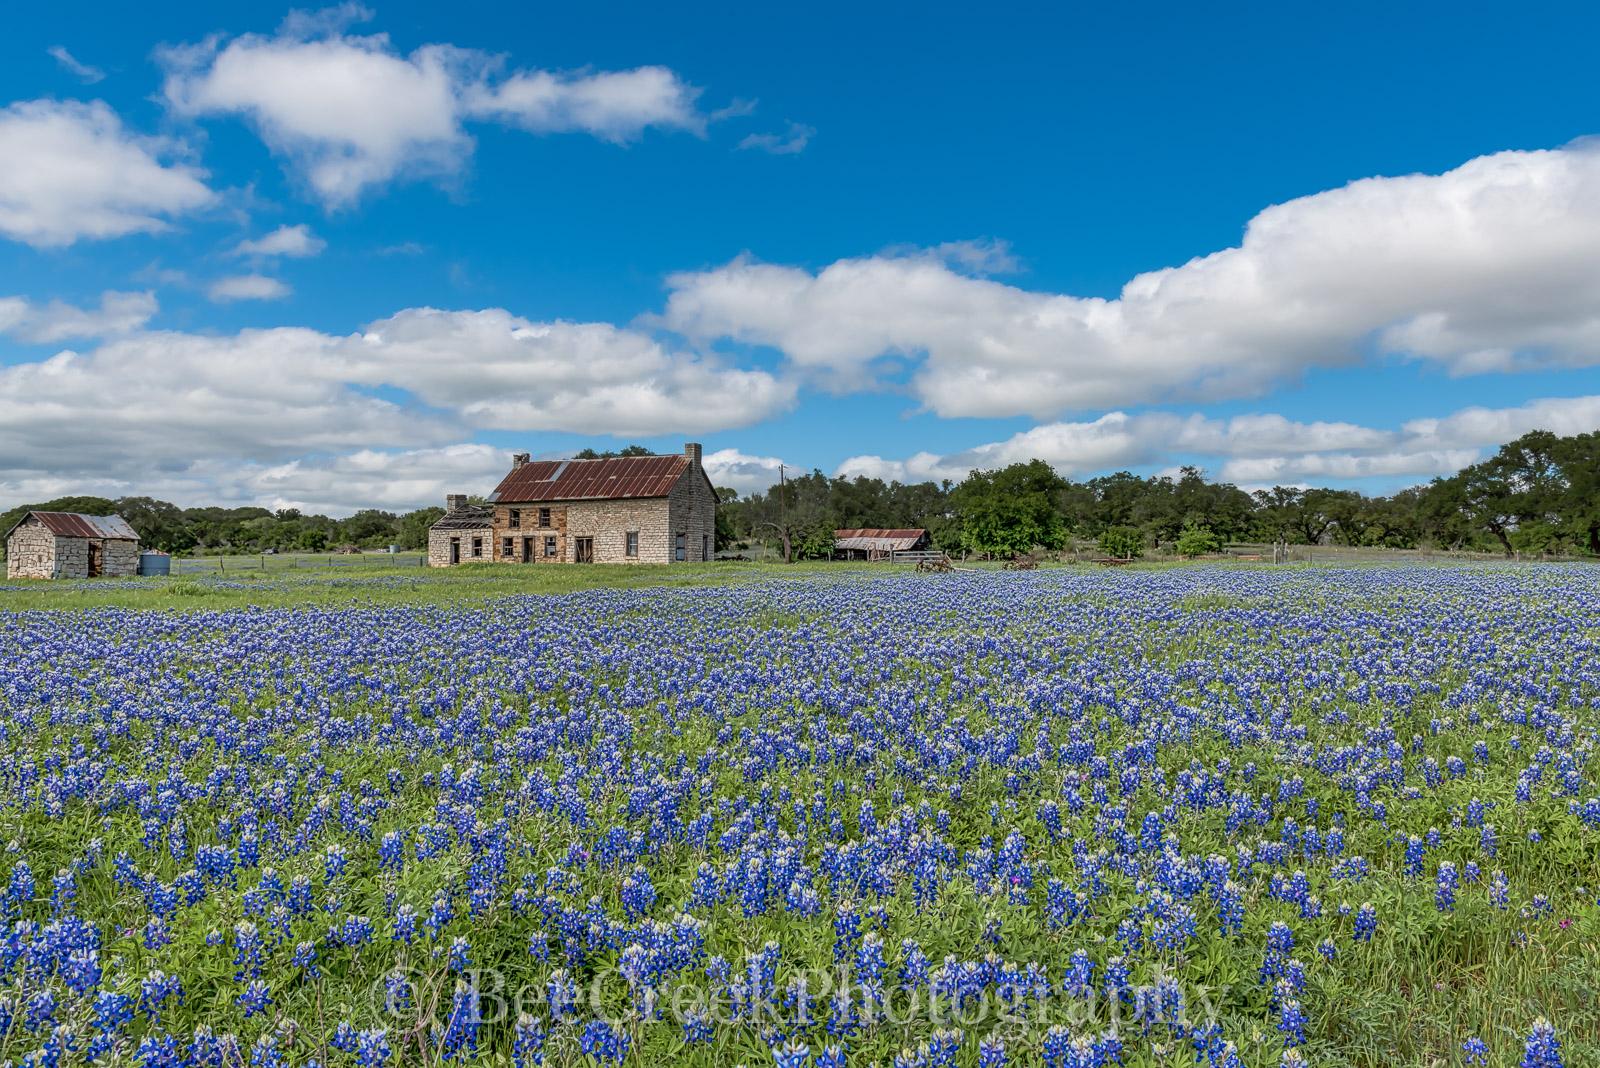 bluebonnets, bluebonnet, blue bonnets, Marble Falls, bluebonnet farmhouse, bluebonnet house, Texas Lupine, lupine, landscape, landscapes, landscape, wildflowers, farmhouse, Texas Hill Country, flora, , photo